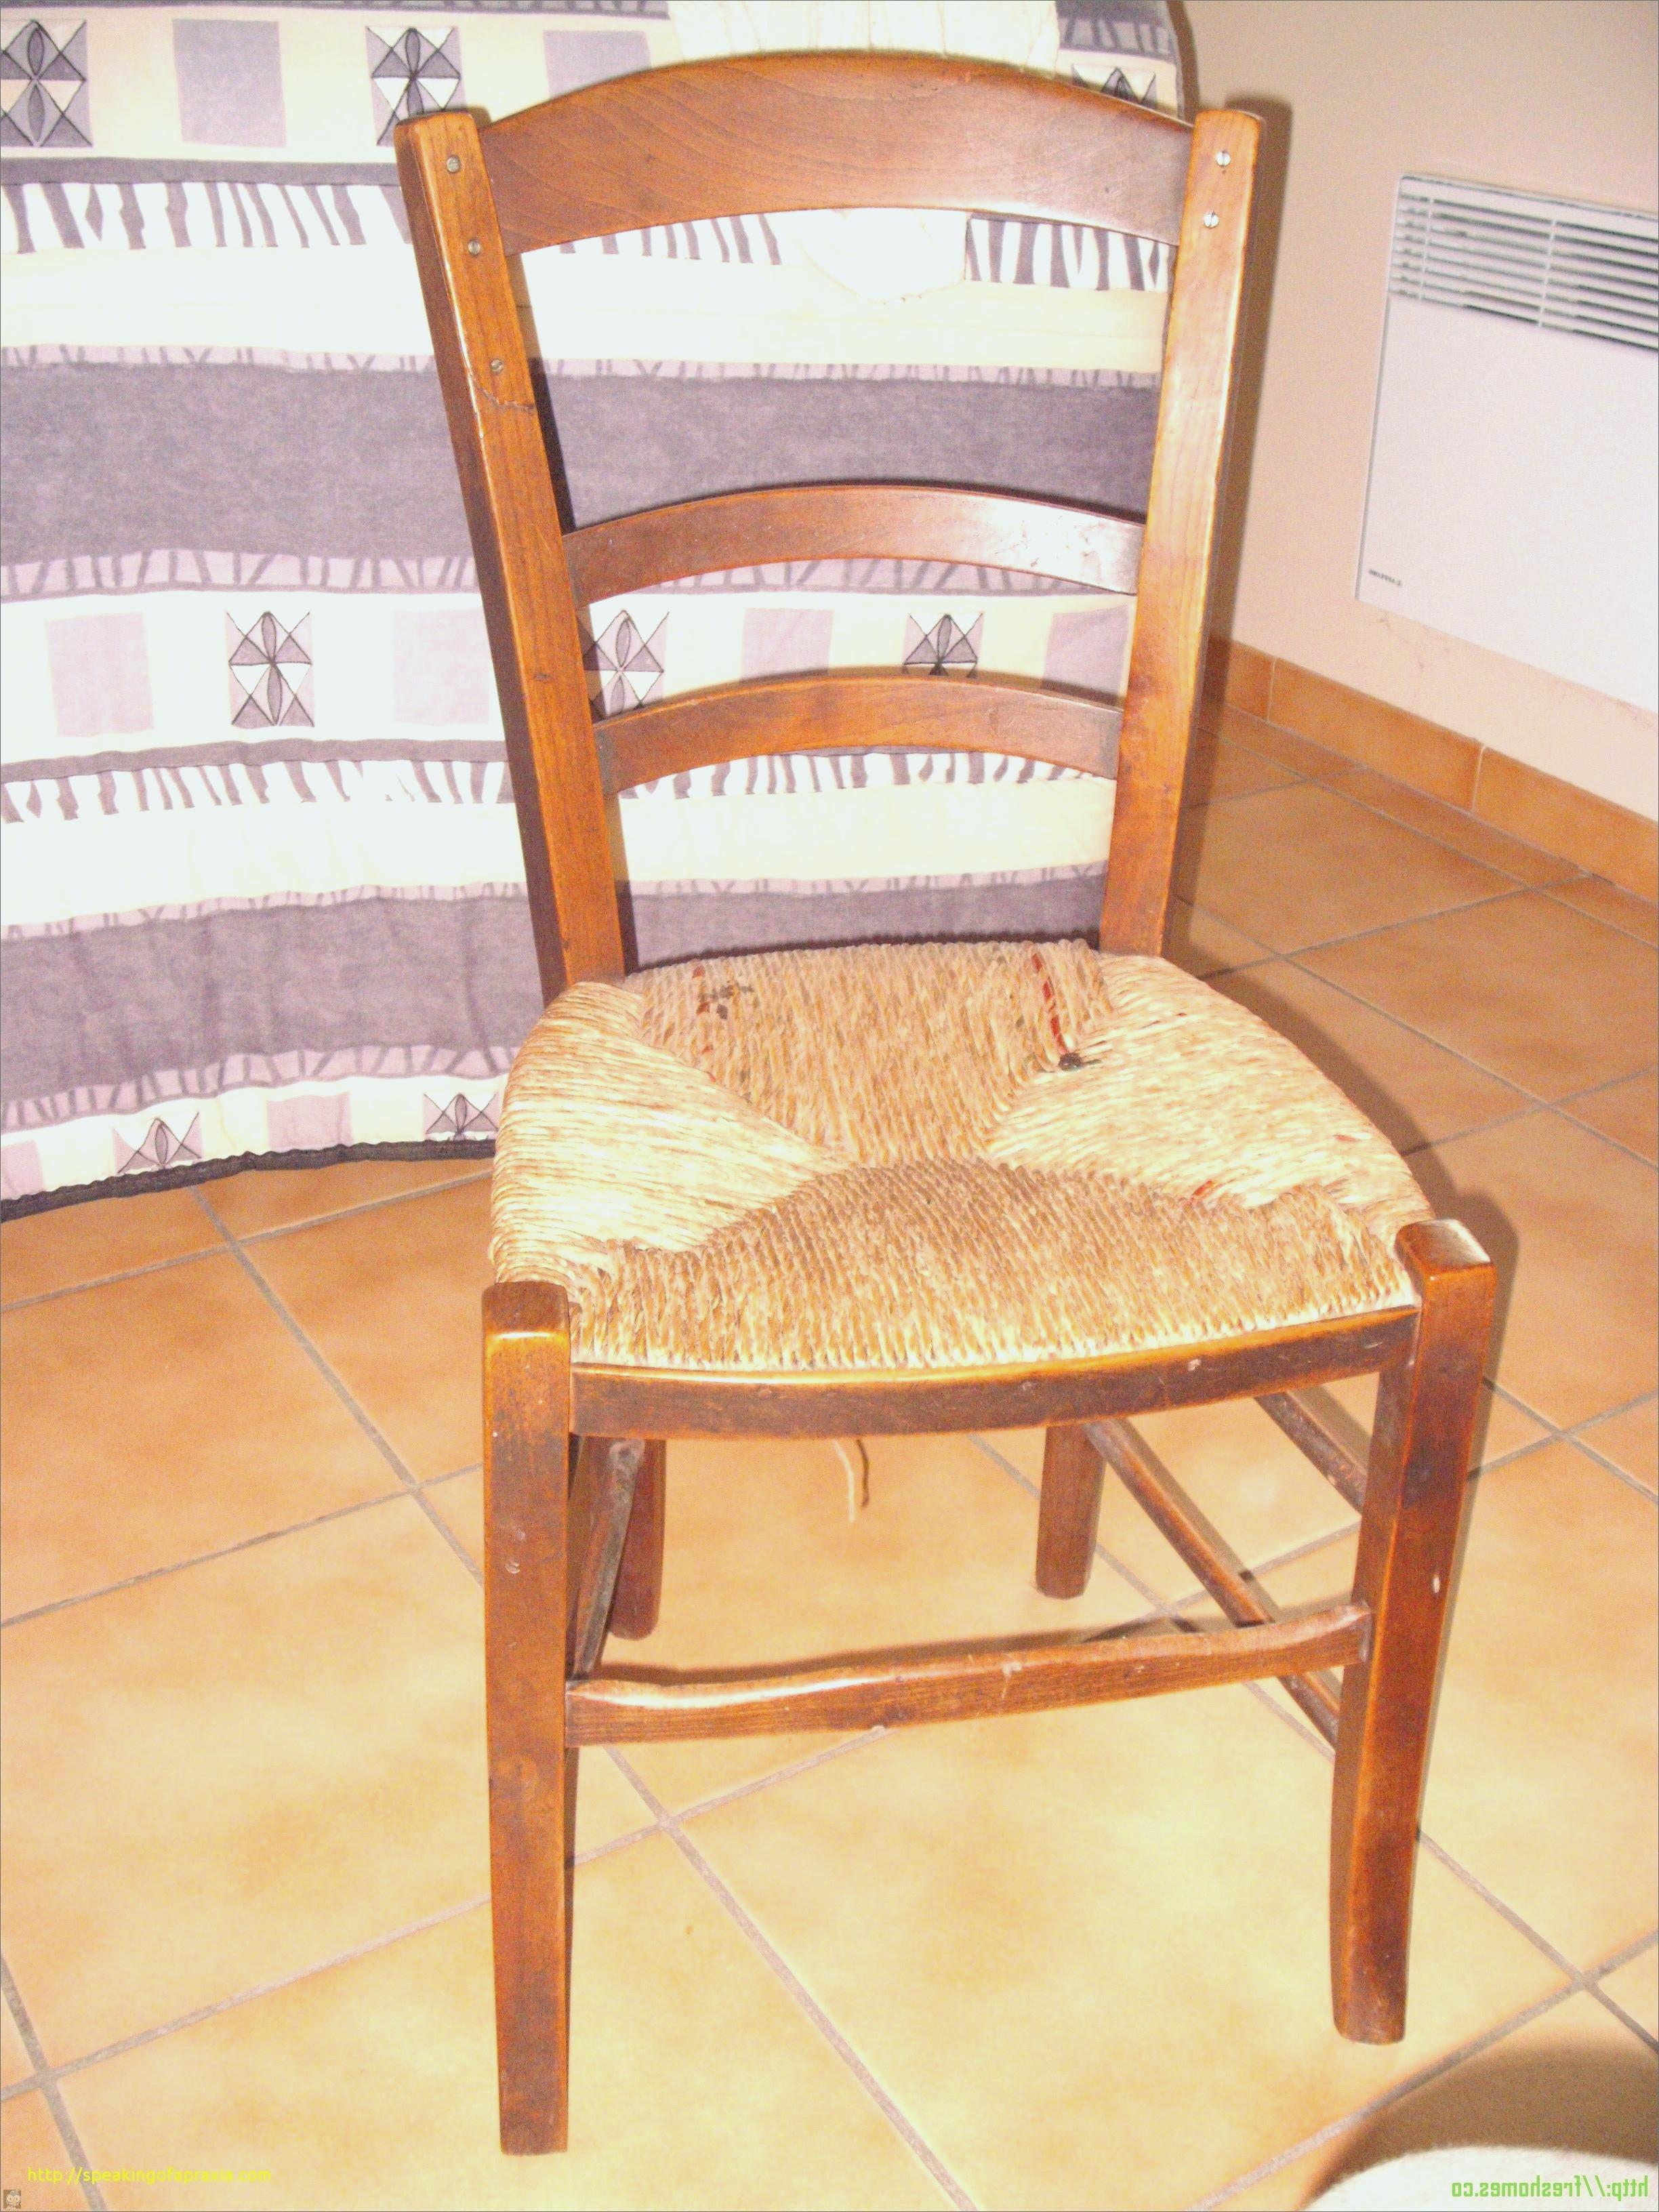 Carrefour Chaises De Jardin Frais Stock Transat De Piscine Génial Chaises Longues Chaise Longue 4 Chaises